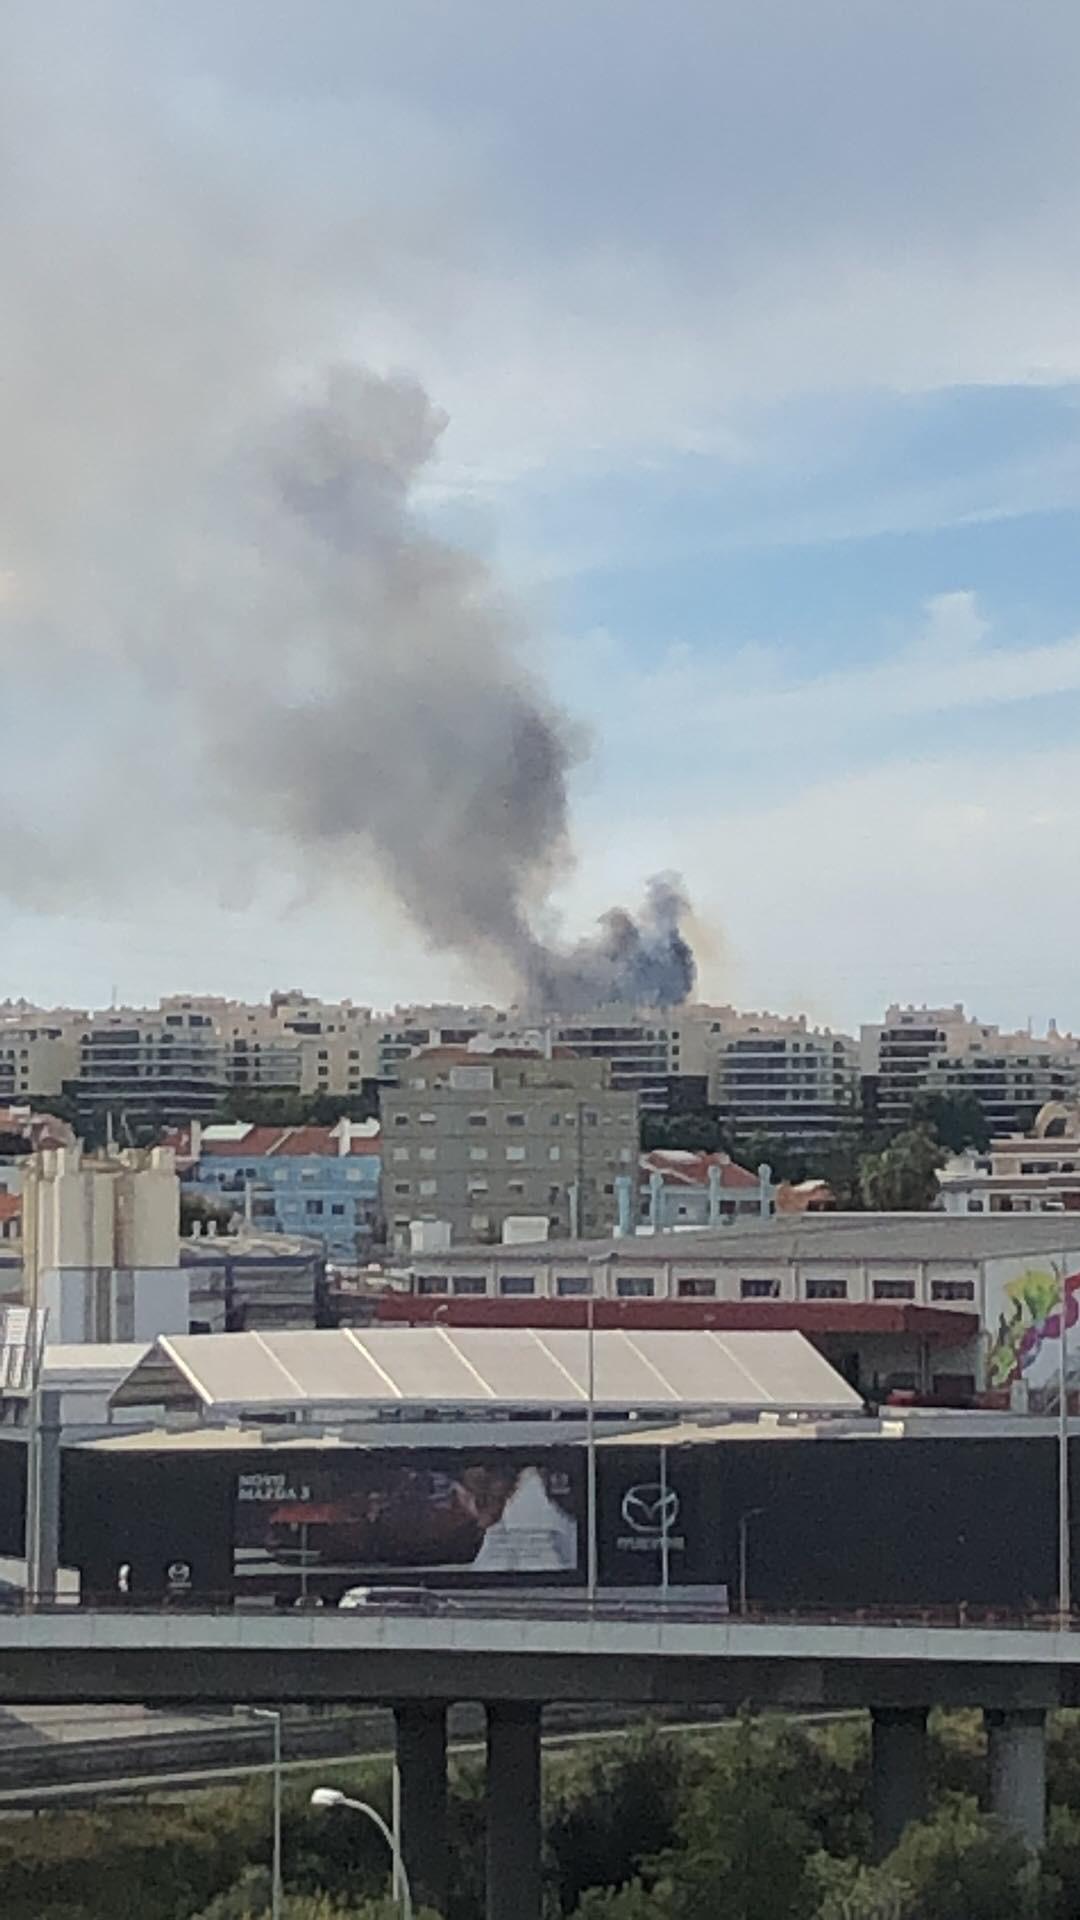 """Fogo em Sacavém consome """"mato e barracas"""". Quase 100 bombeiros no terreno"""